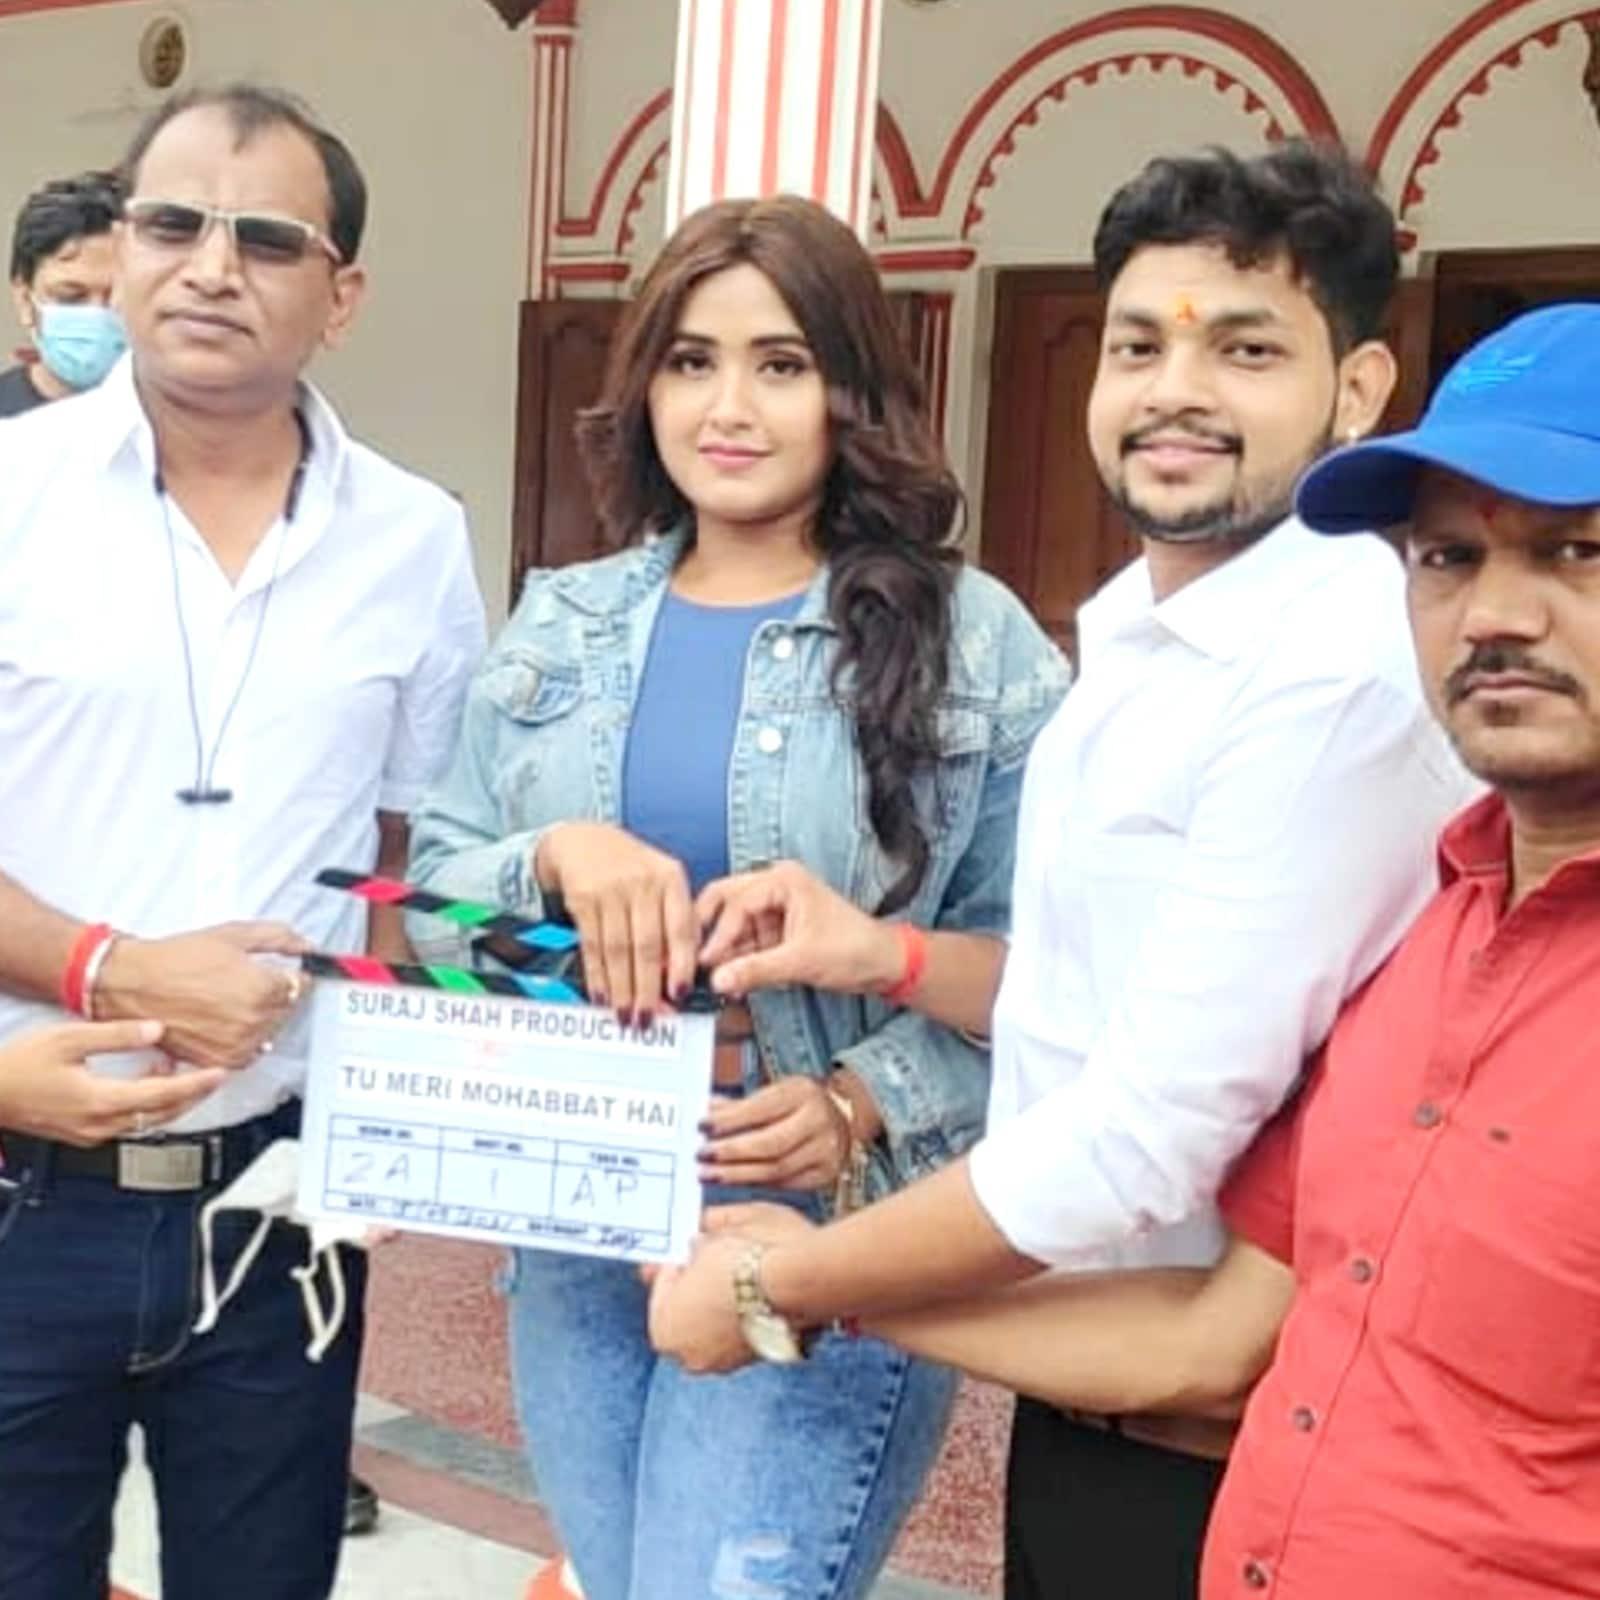 अंकुश राजा और काजल राघवानी (Kajal Raghwani And Ankush Raja) स्टारर भोजपुरी फिल्म (Bhojpuri Film) 'तू मेरी मोहब्बत है' को वर्ल्डवाइड रिकॉर्ड्स के ओनर रत्नाकर कुमार प्रस्तुत कर रहे हैं. इसके डायरेक्टर सूरज शाह हैं. फिल्म का भव्य मुहूर्त पूरी टीम के साथ वाराणसी में किया गया है. इसकी शूटिंग भी वहीं से शुरू की गई है.